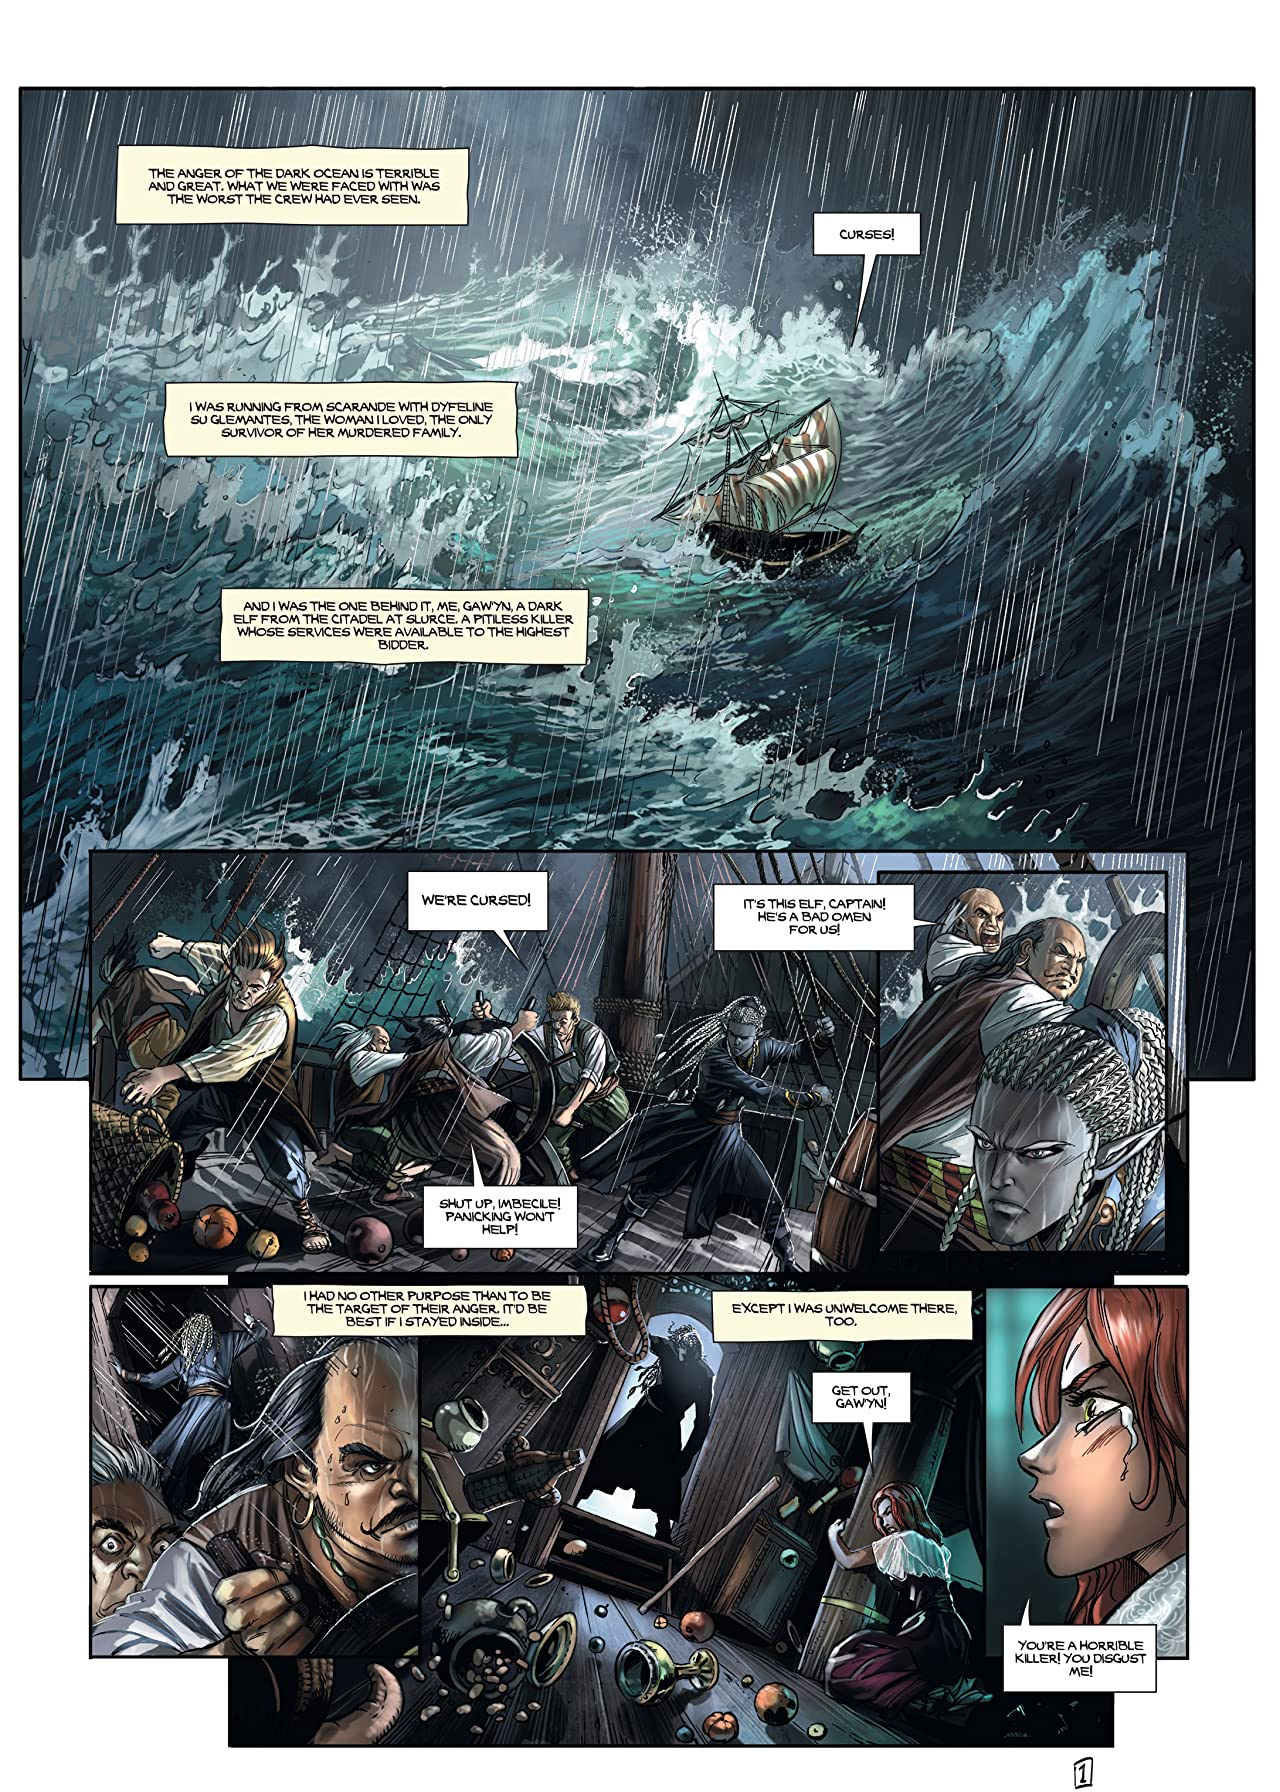 Elves Vol. 15: Black as Blood